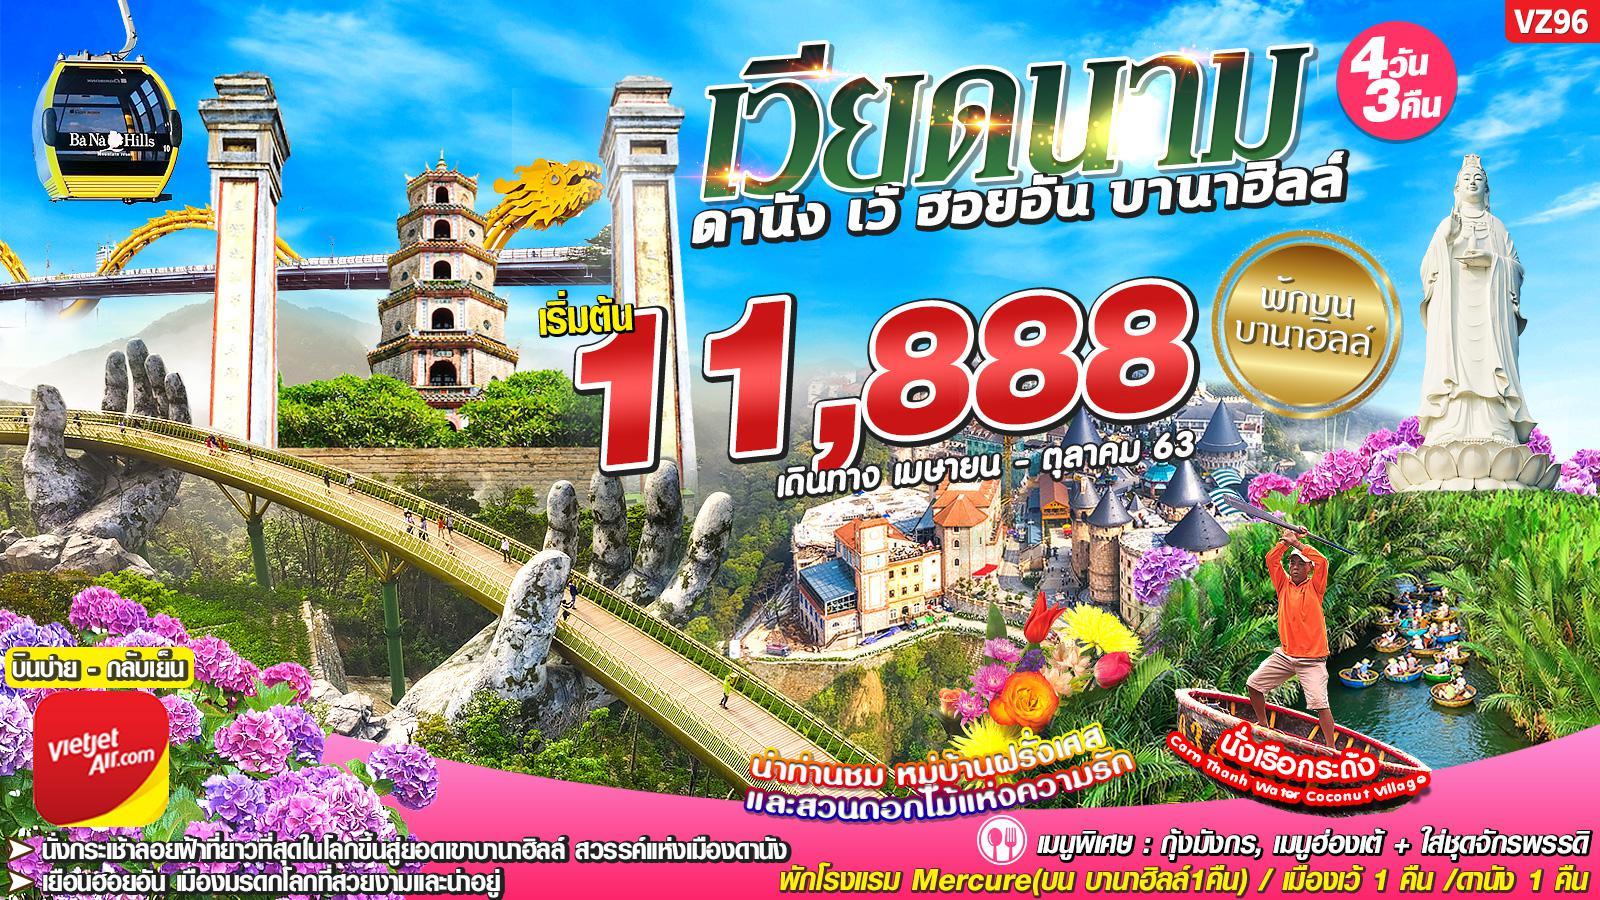 ทัวร์เวียดนาม ดานัง เว้ ฮอยอัน บานาฮิลล์ 4 วัน 3 คืน